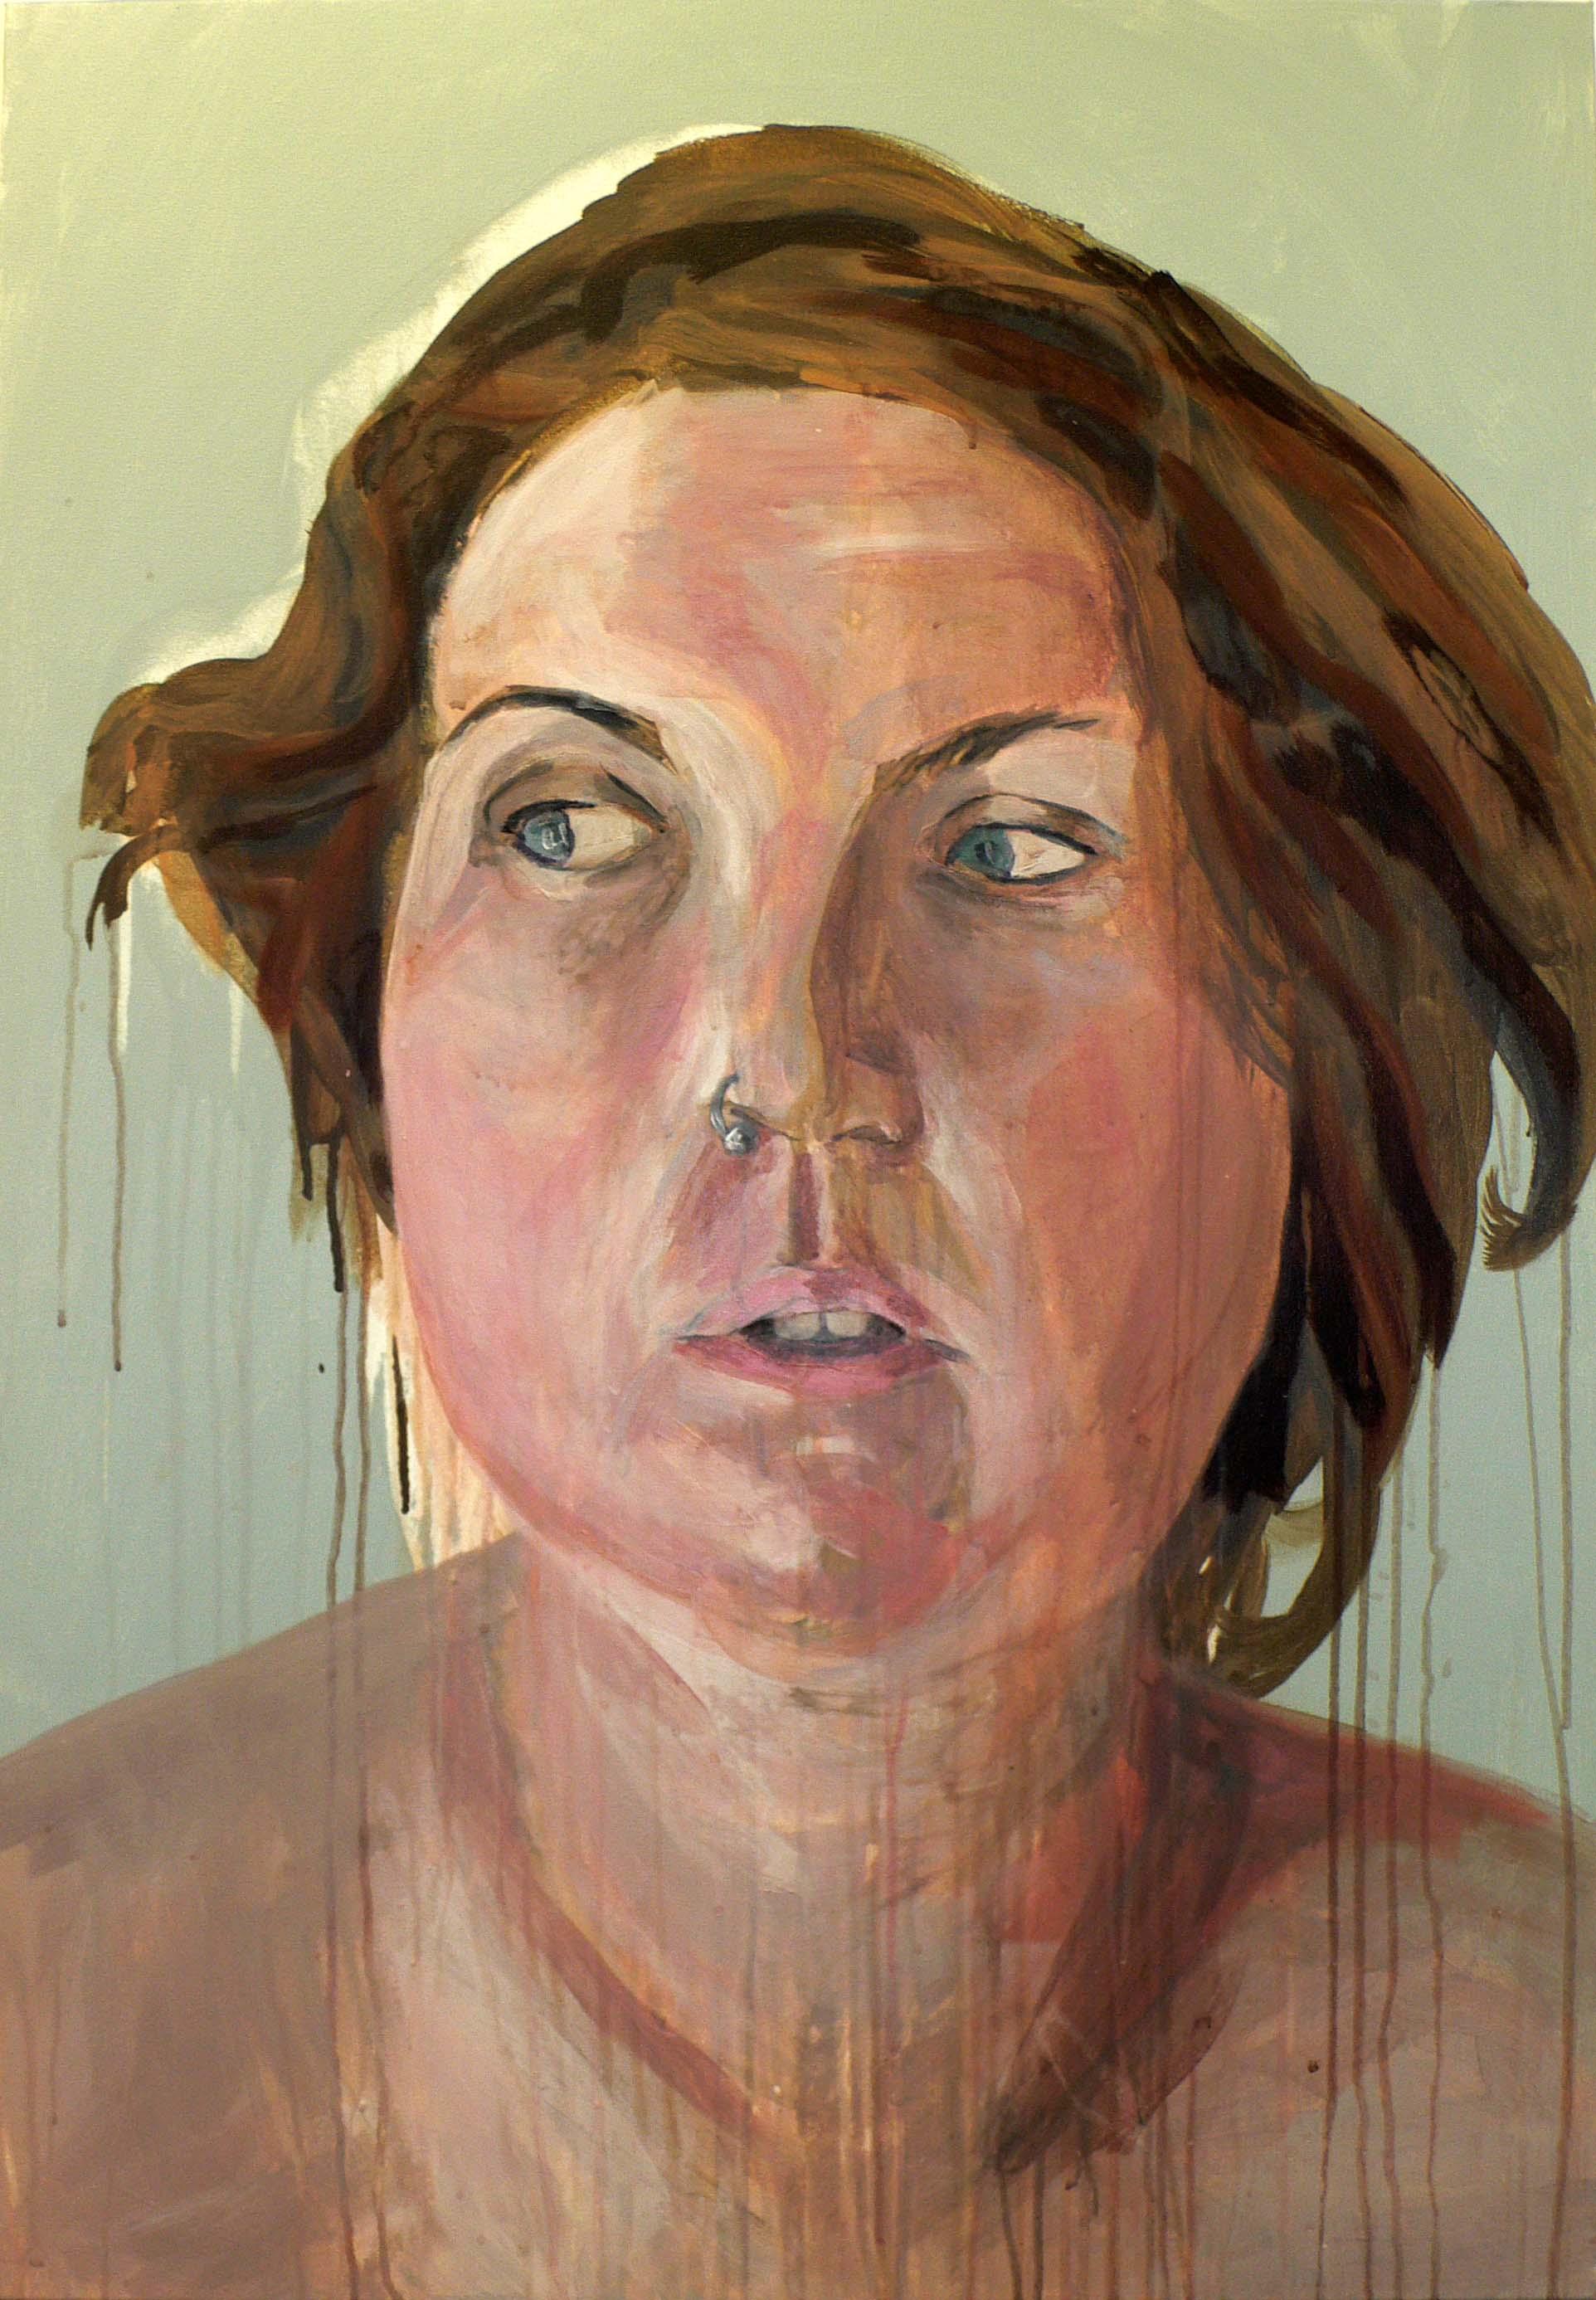 Self-portrait, Slough 7.30am